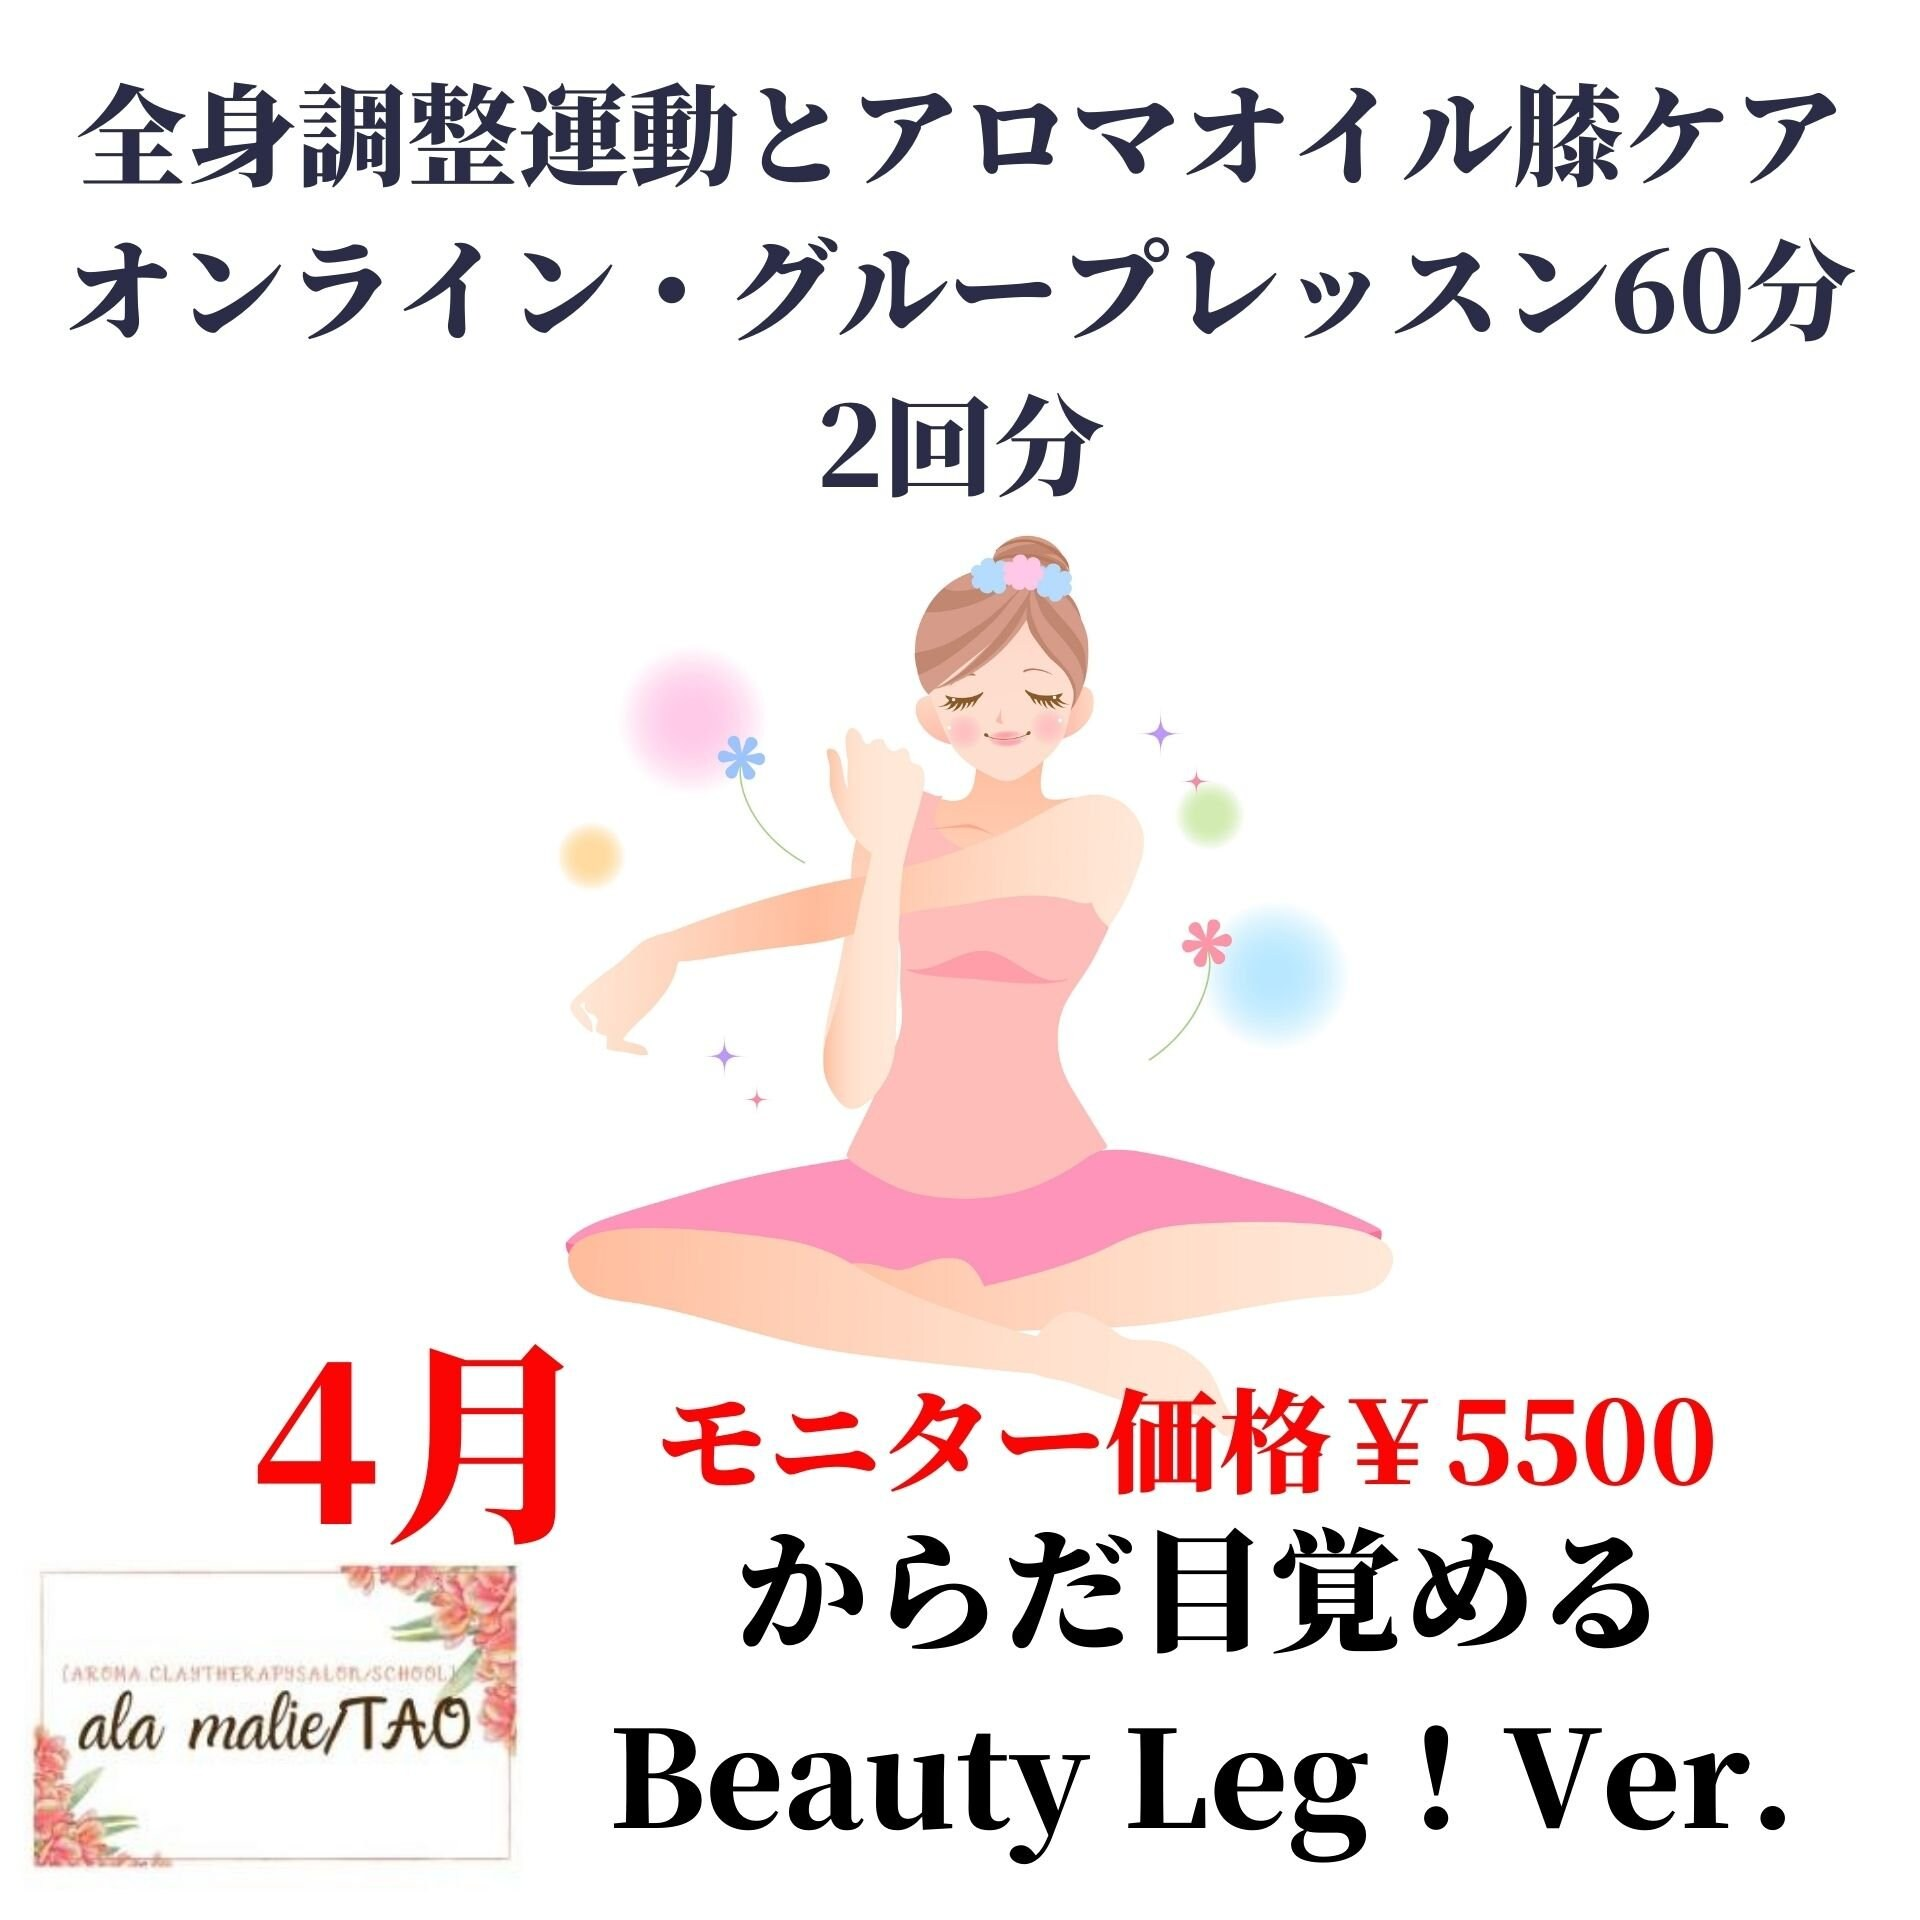 4月Beauty Leg!Ver.[姿勢は美しく・膝痛・冷え・むくみもオンラインで改善♪]からだ目覚める! 健美姿勢・健美脚作り60分グループレッスン/運動+楢林式アロマ膝ケア/一か月延長モニター募集のイメージその1